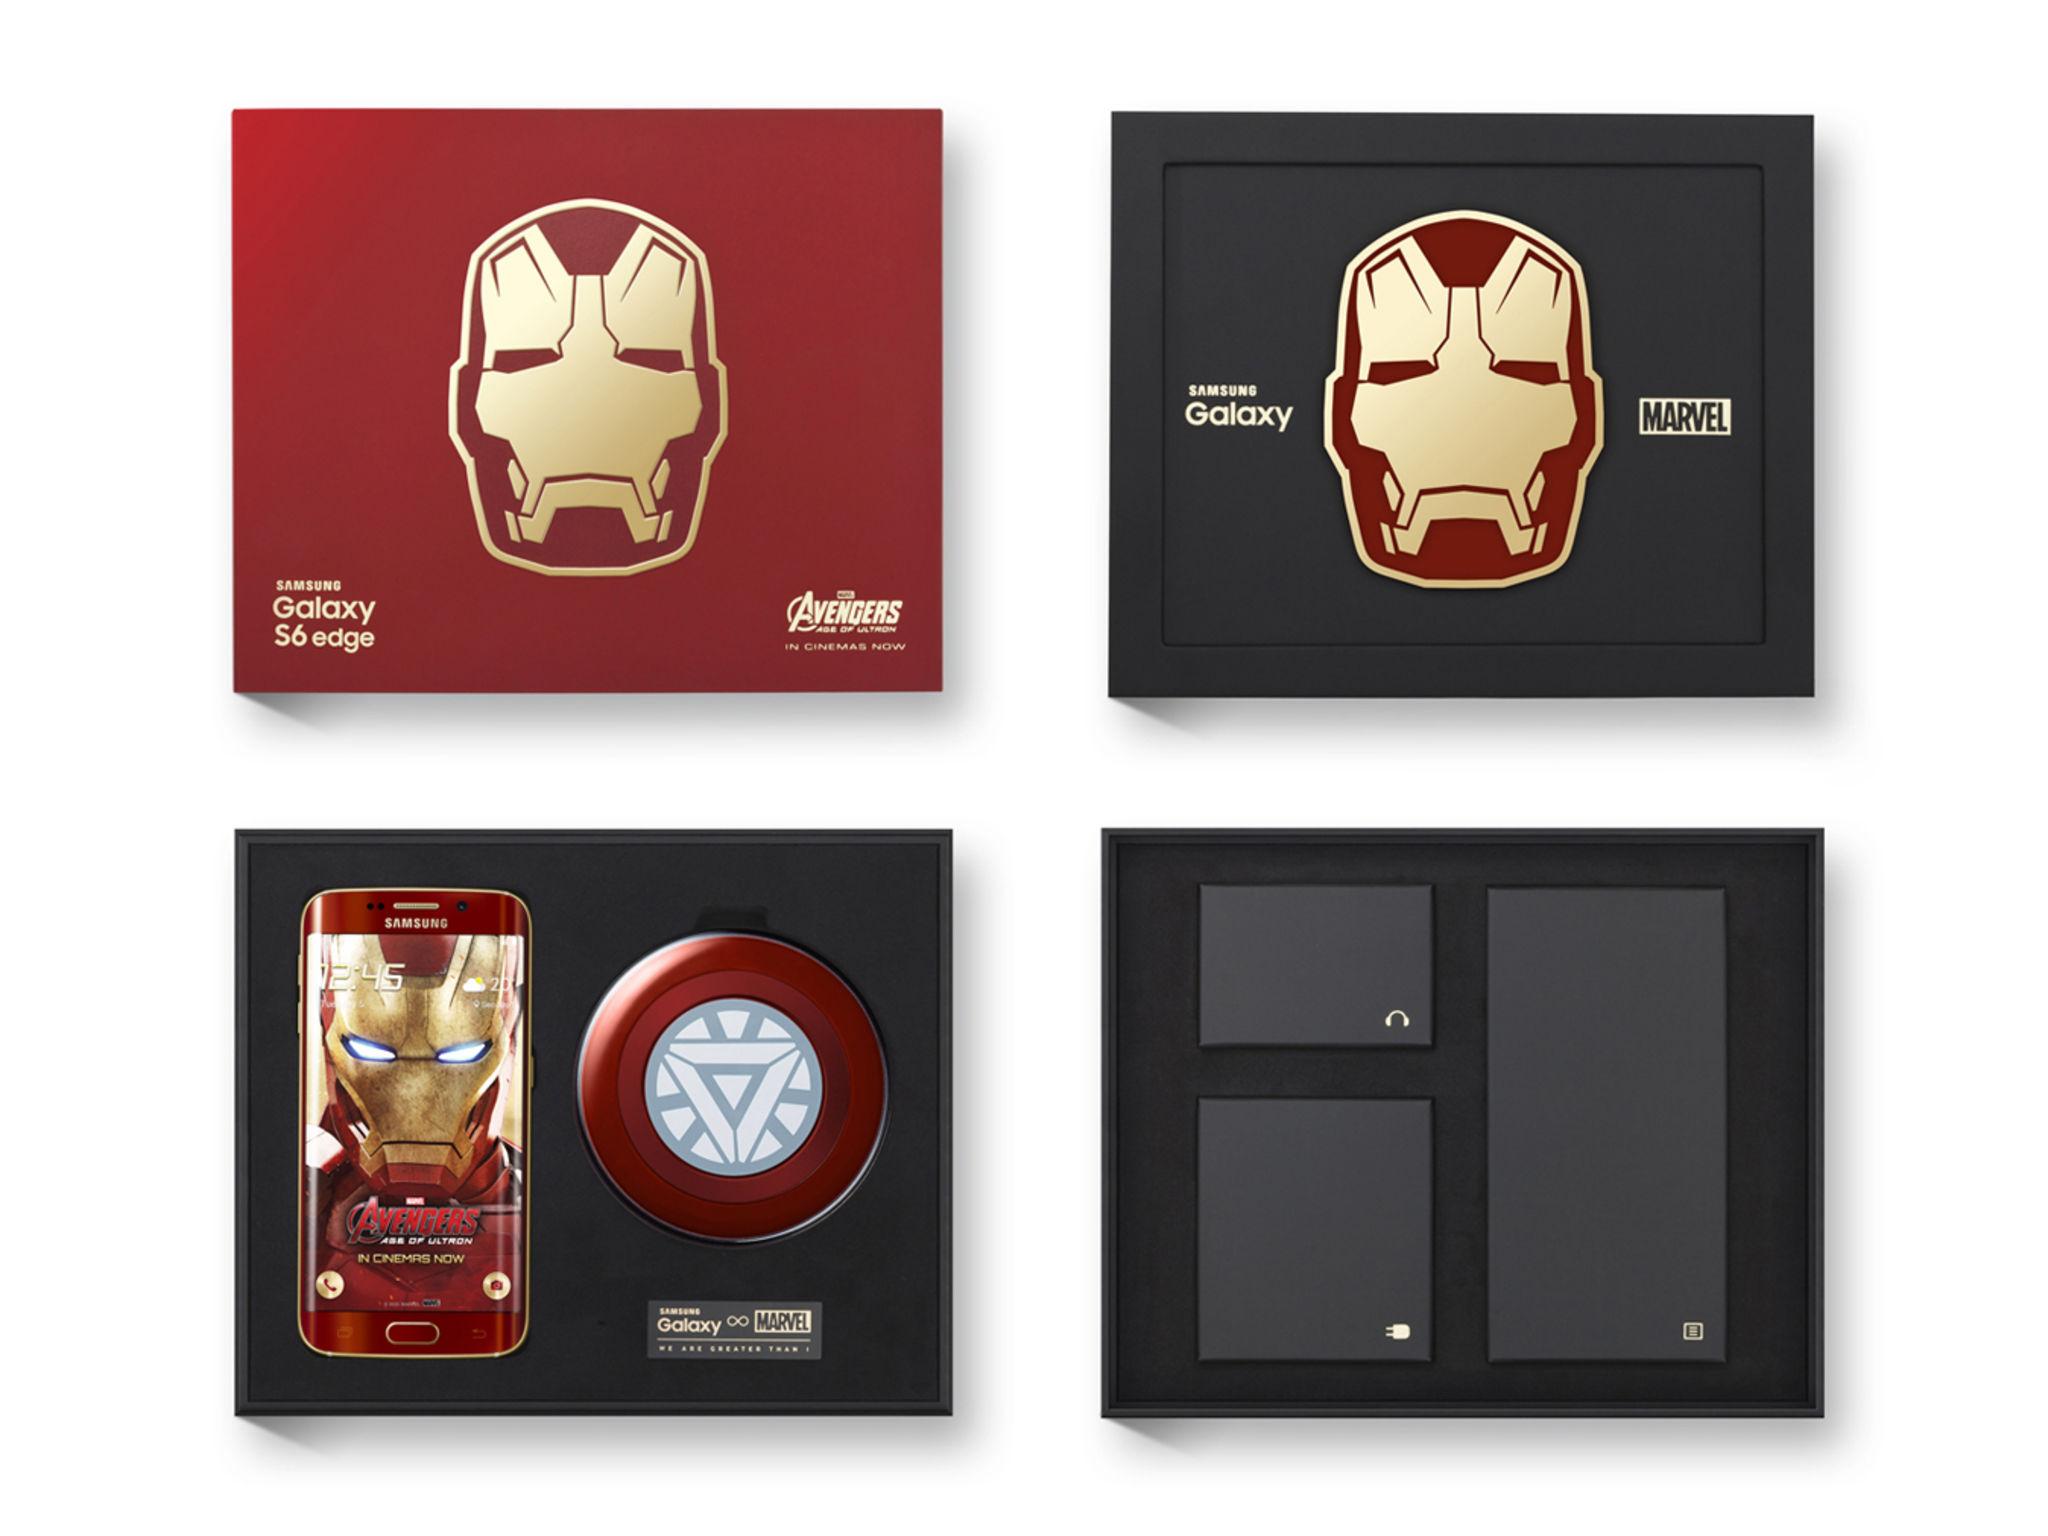 176871_02_Avengers_005.jpg